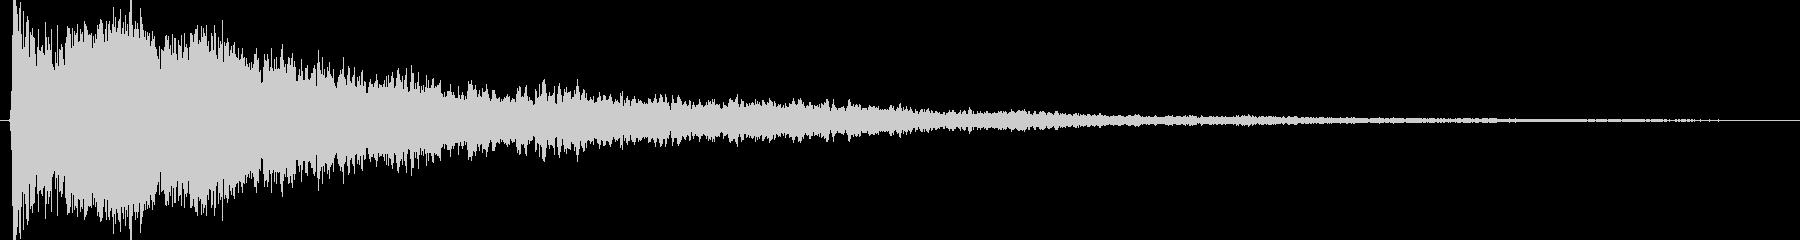 シャキーン!カキーン!というインパクト音の未再生の波形